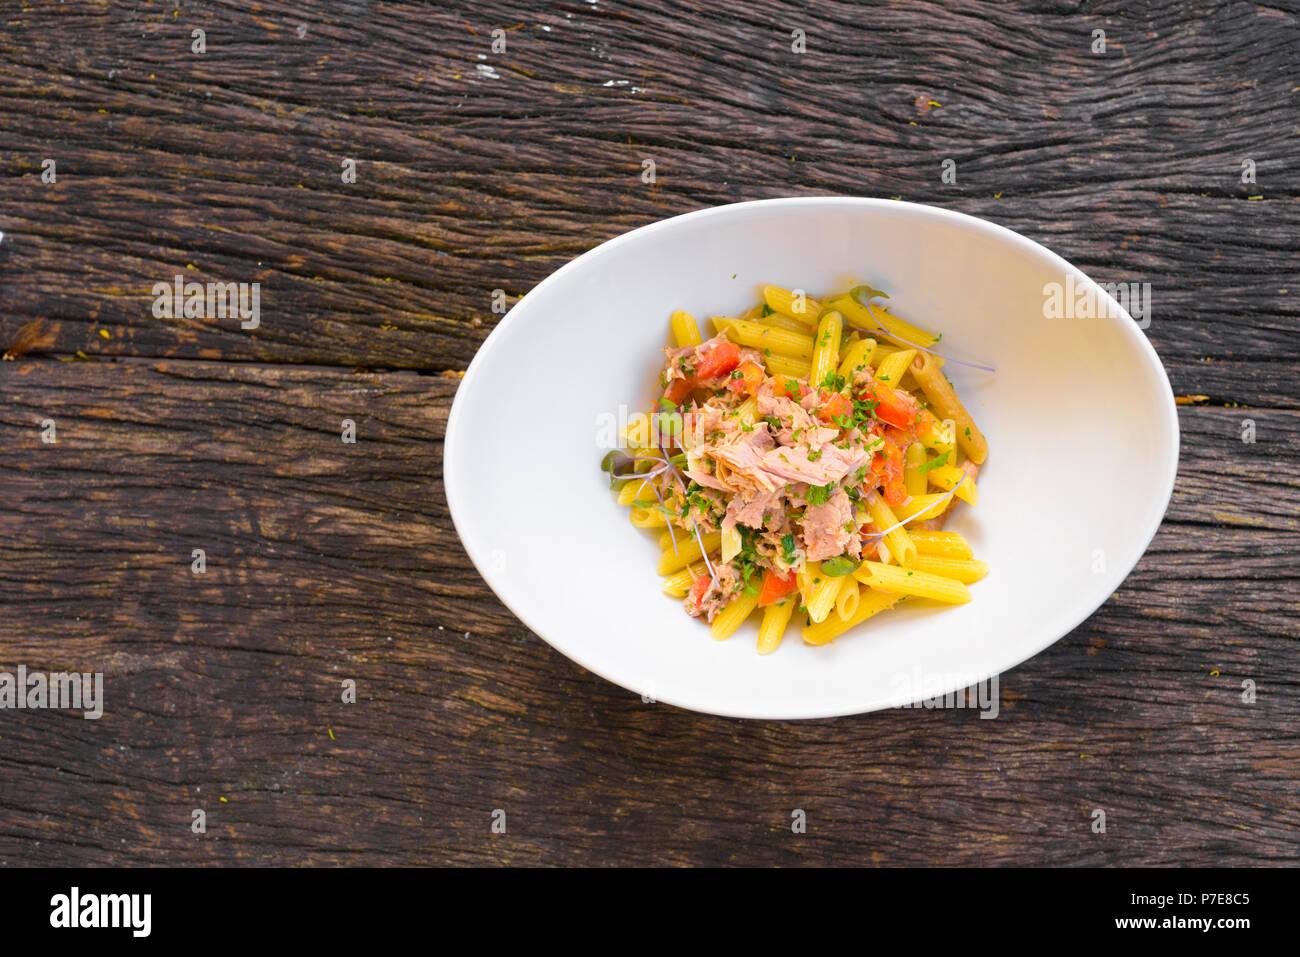 Pâtes penne au thon et tomates fraîches Photo Stock